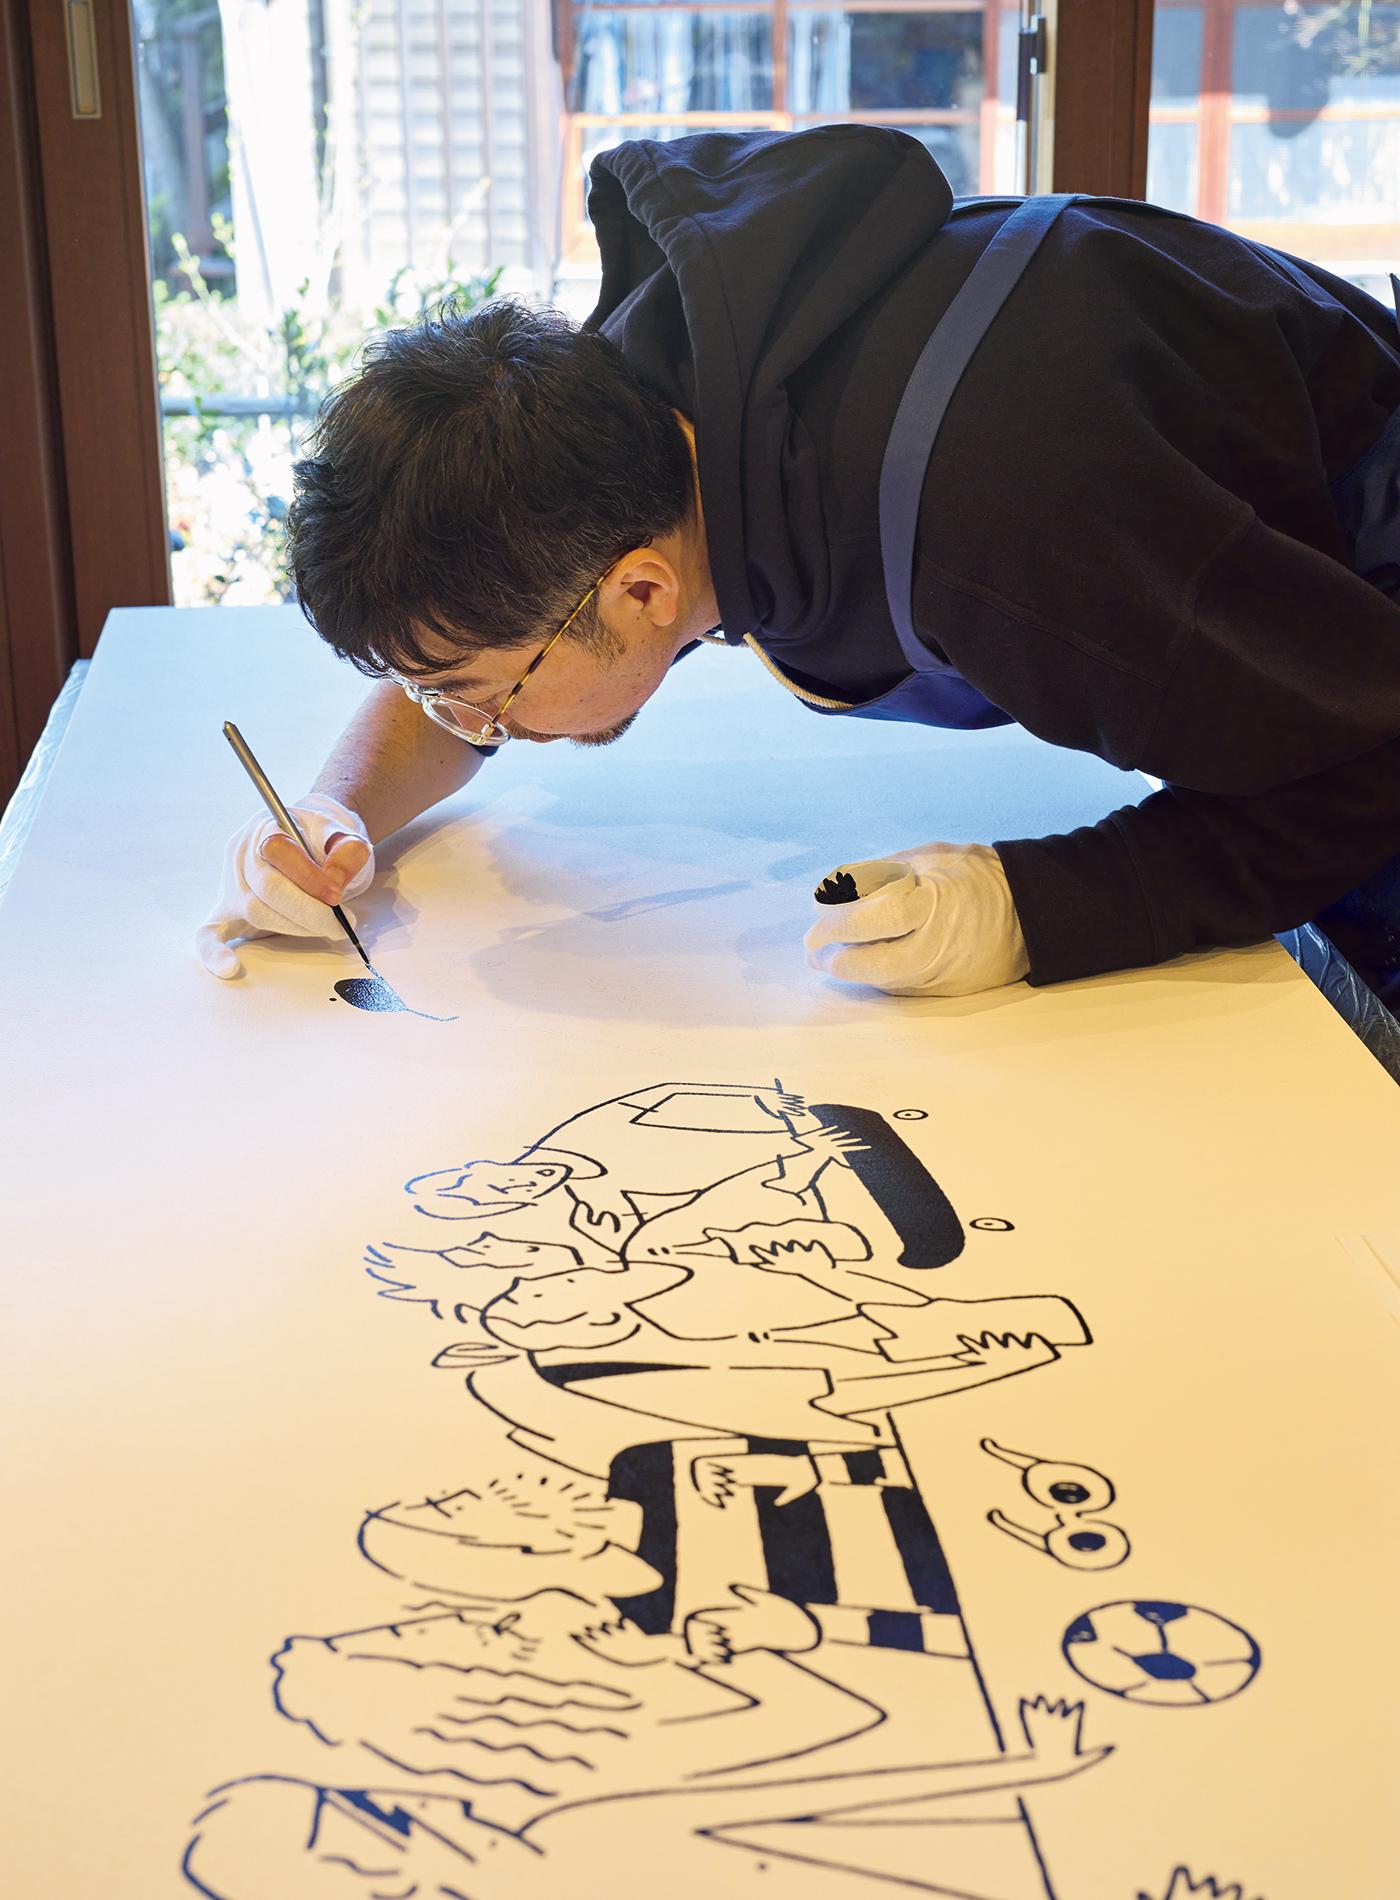 長場さんが影響を受けたアーティストが一つのテーブルに集合した『The Last Supper』。4mの巨大なキャンパス作品で、昨年開催した個展のタイトルにもなった。